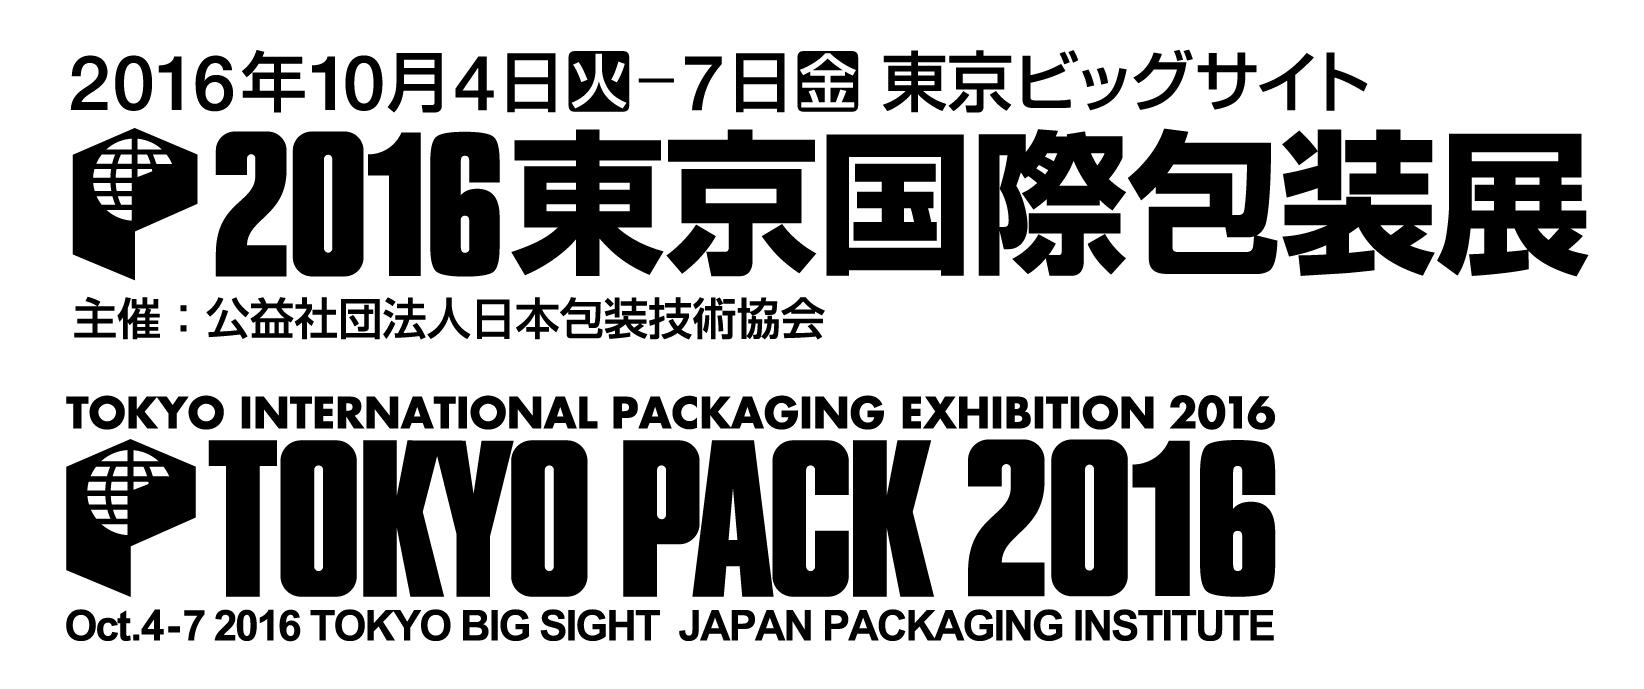 『2016東京国際包装展』に出展いたします